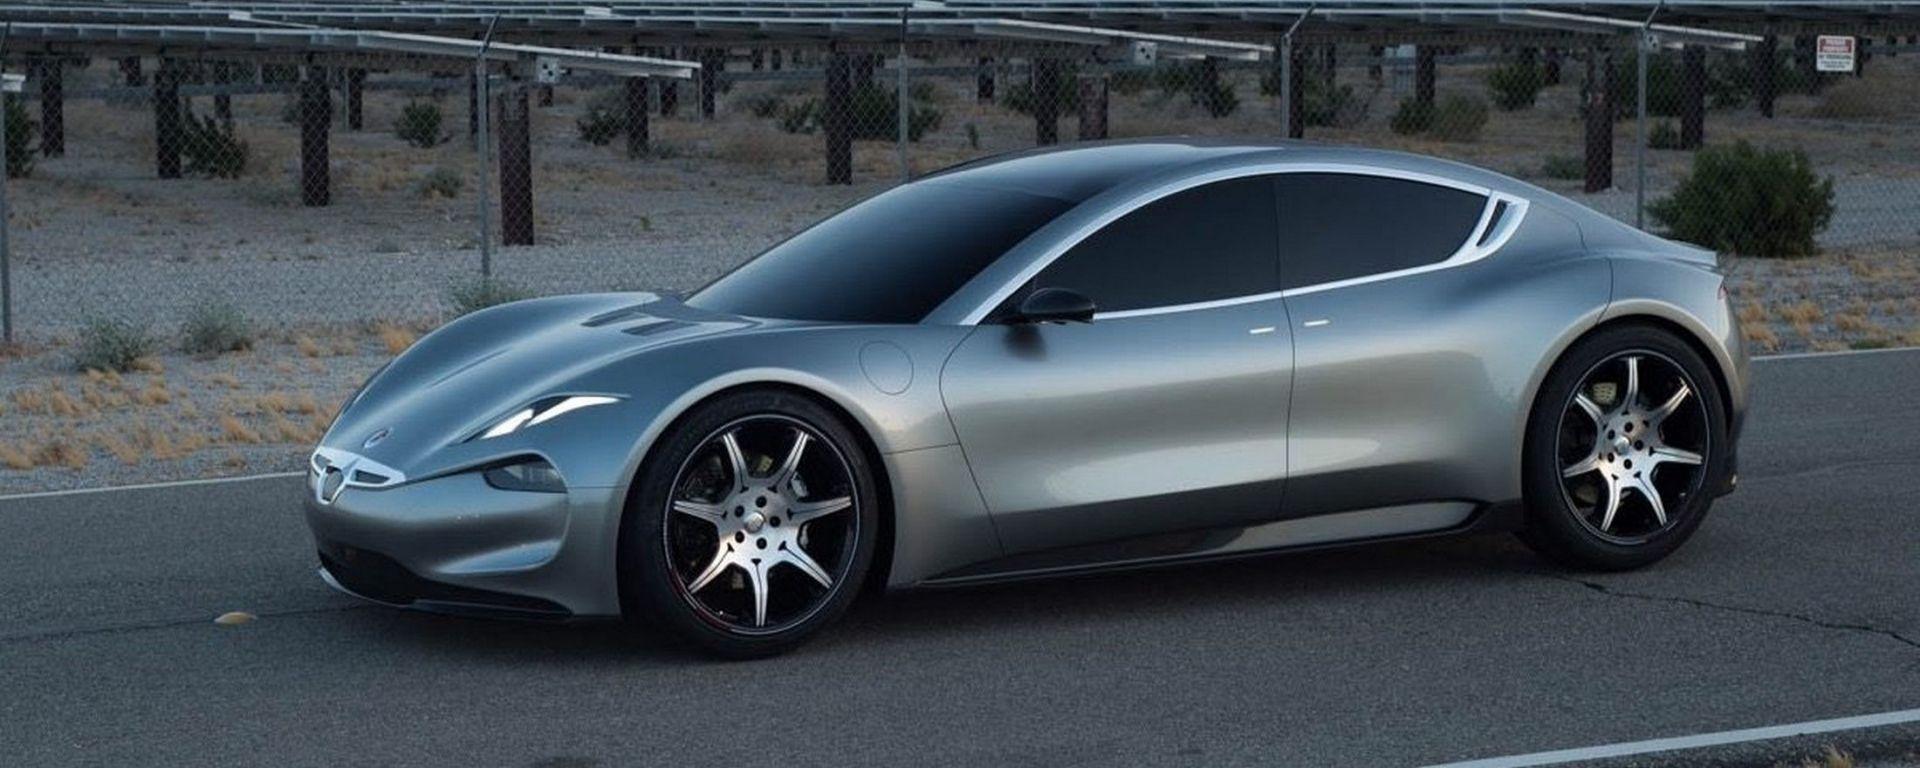 Fisker EMotion: la nuova berlina 100% che sfida la Tesla Model S